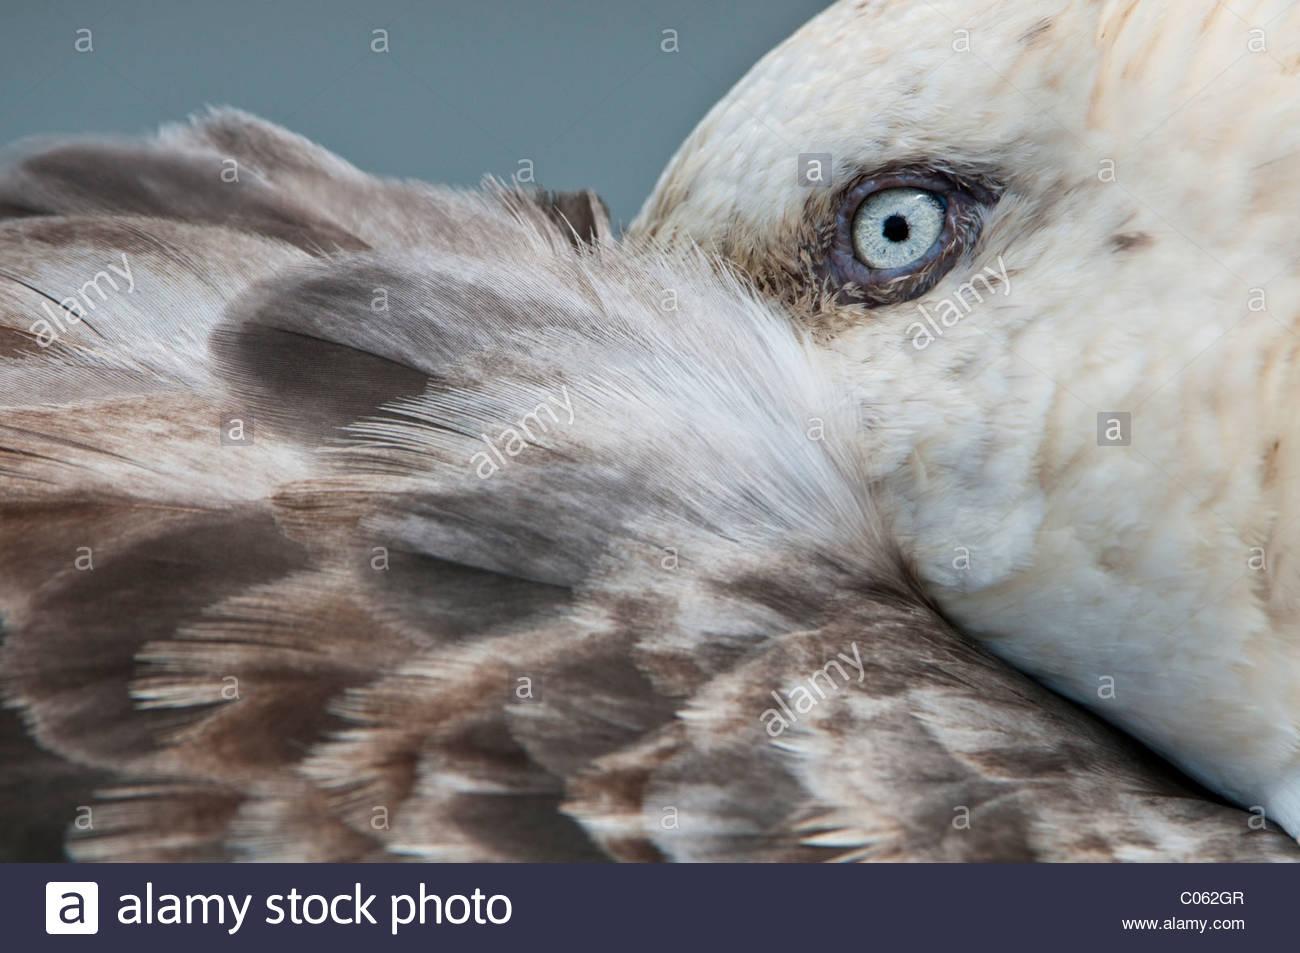 Pétrel géant reposant avec glissé sous son aile, Stromness, Géorgie du Sud, l'Atlantique Photo Stock